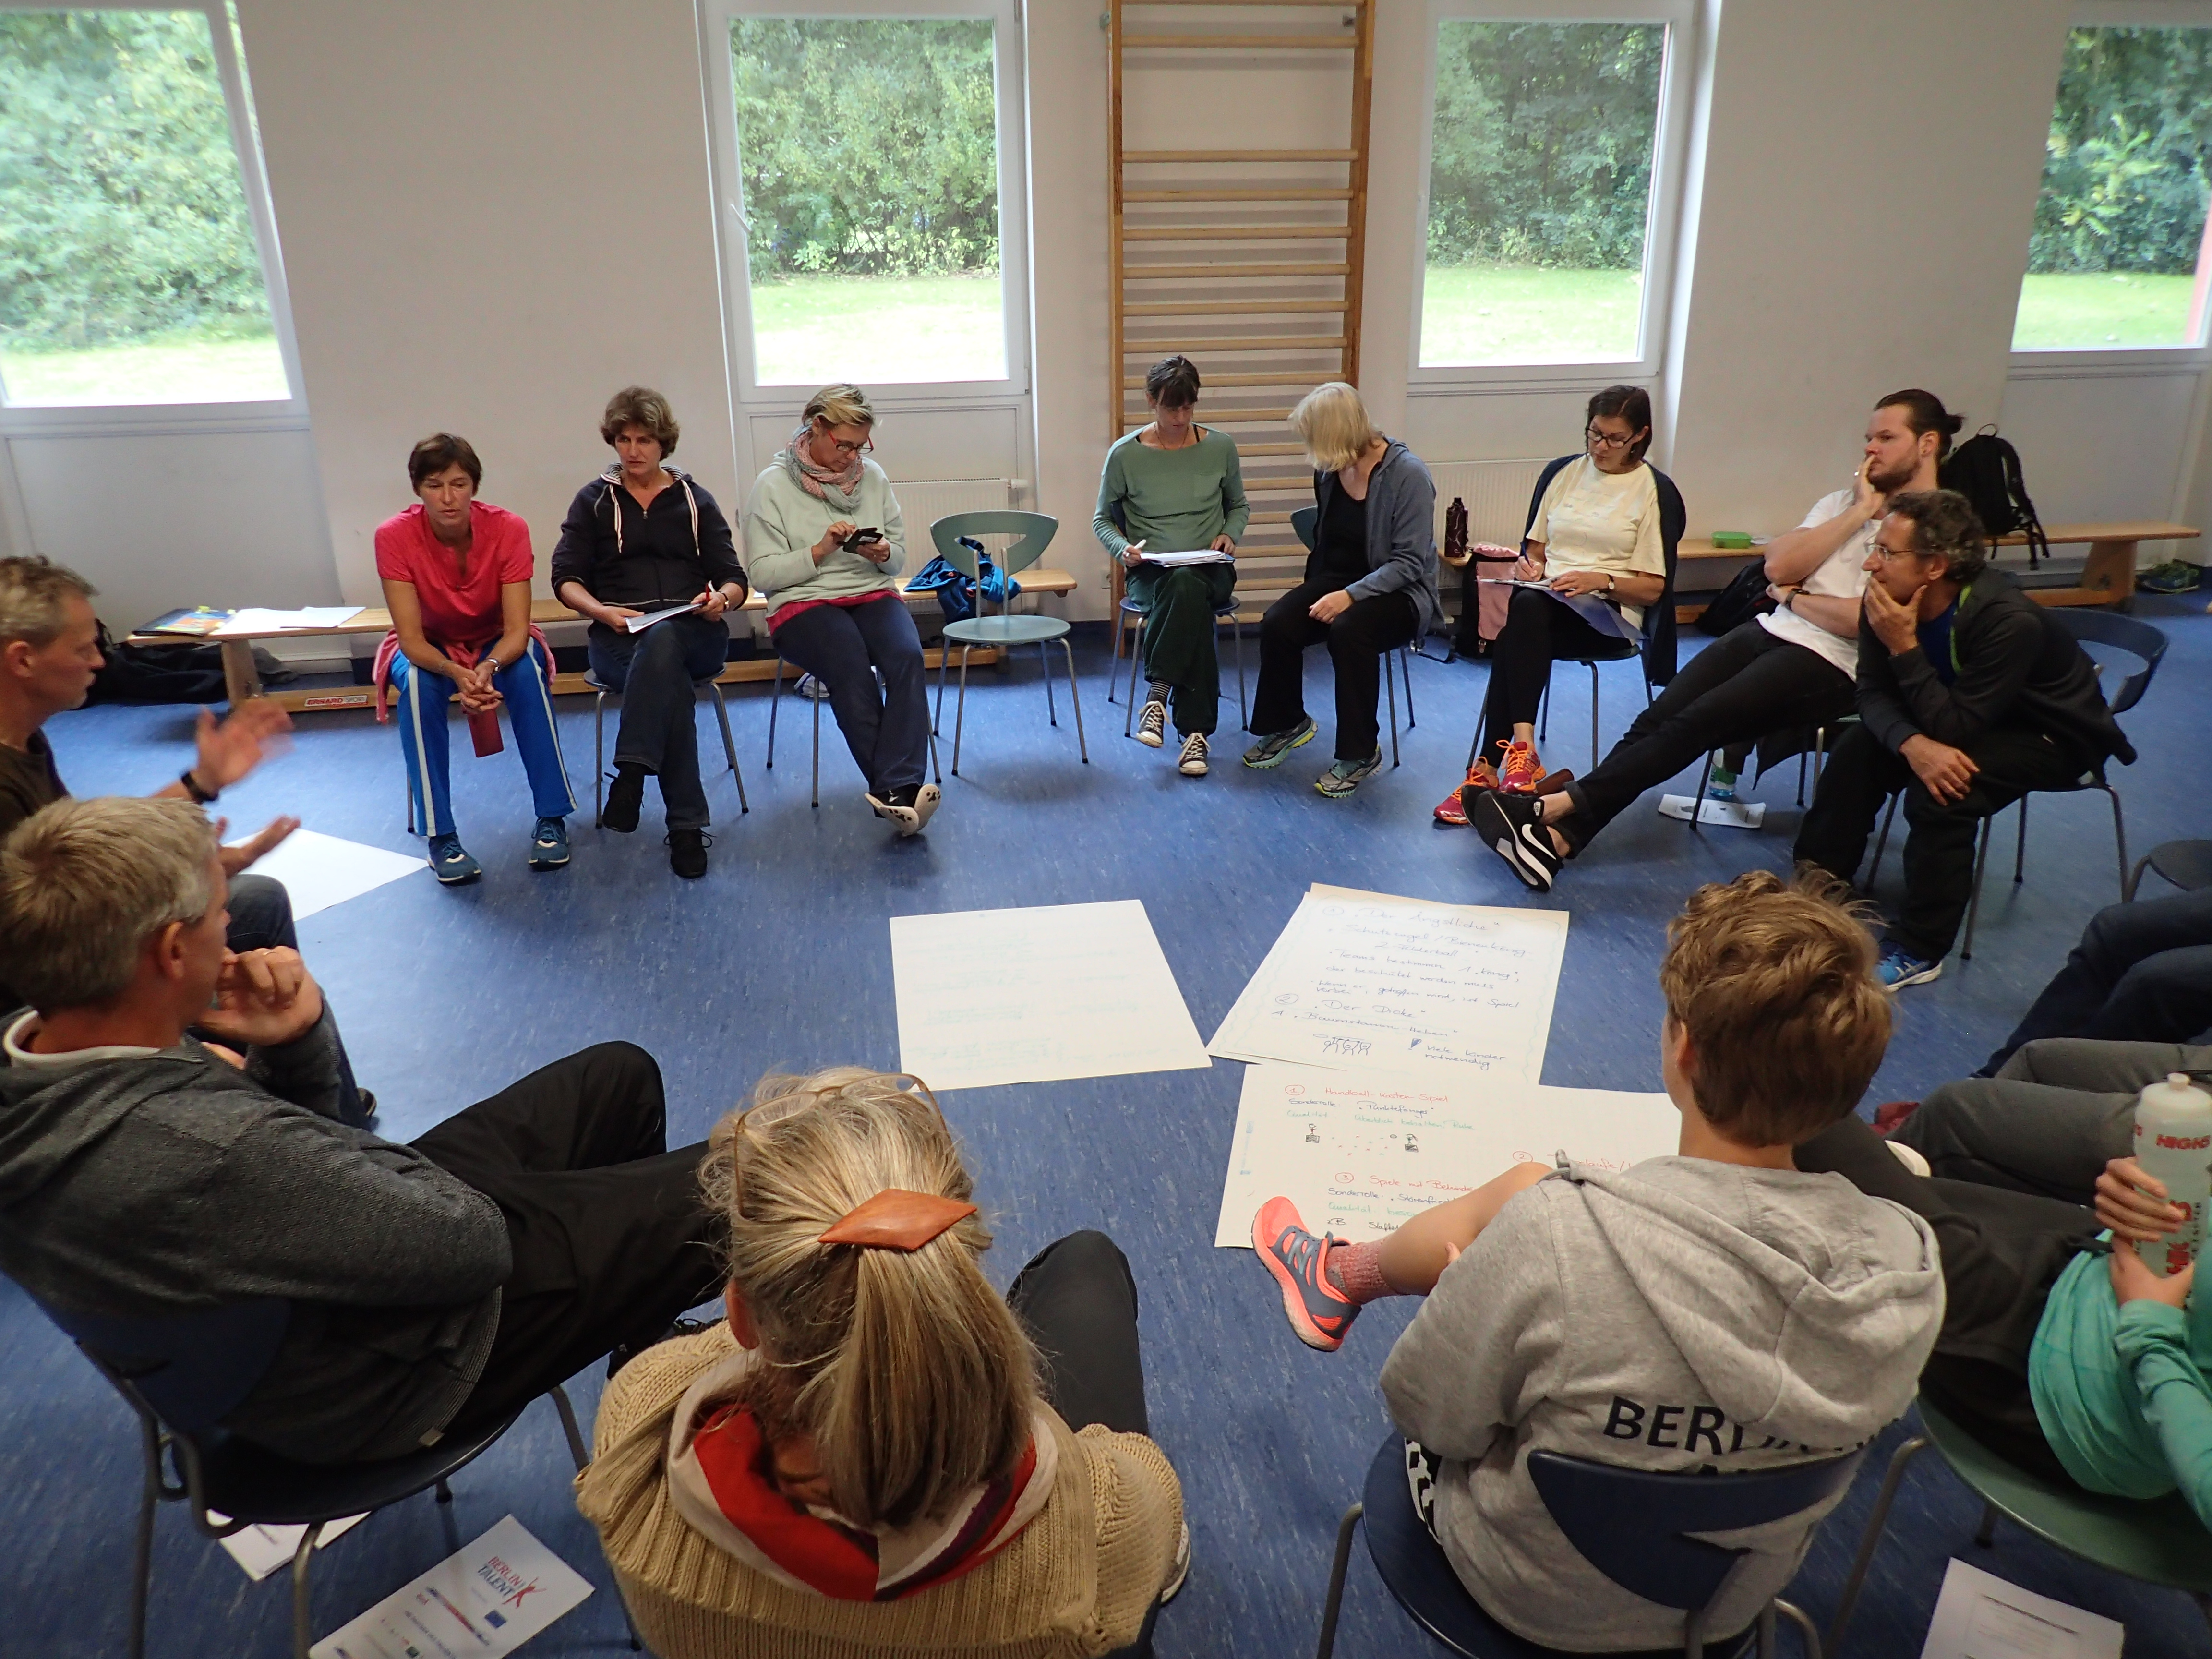 LSB, Berlin hat Talent, Bewegungsfördergruppe, Fortbildung